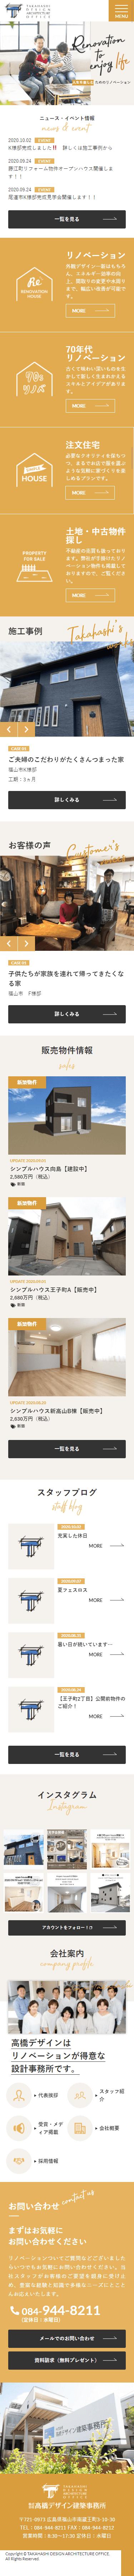 広島県 株式会社髙橋デザイン建築事務所 ホームページ制作3